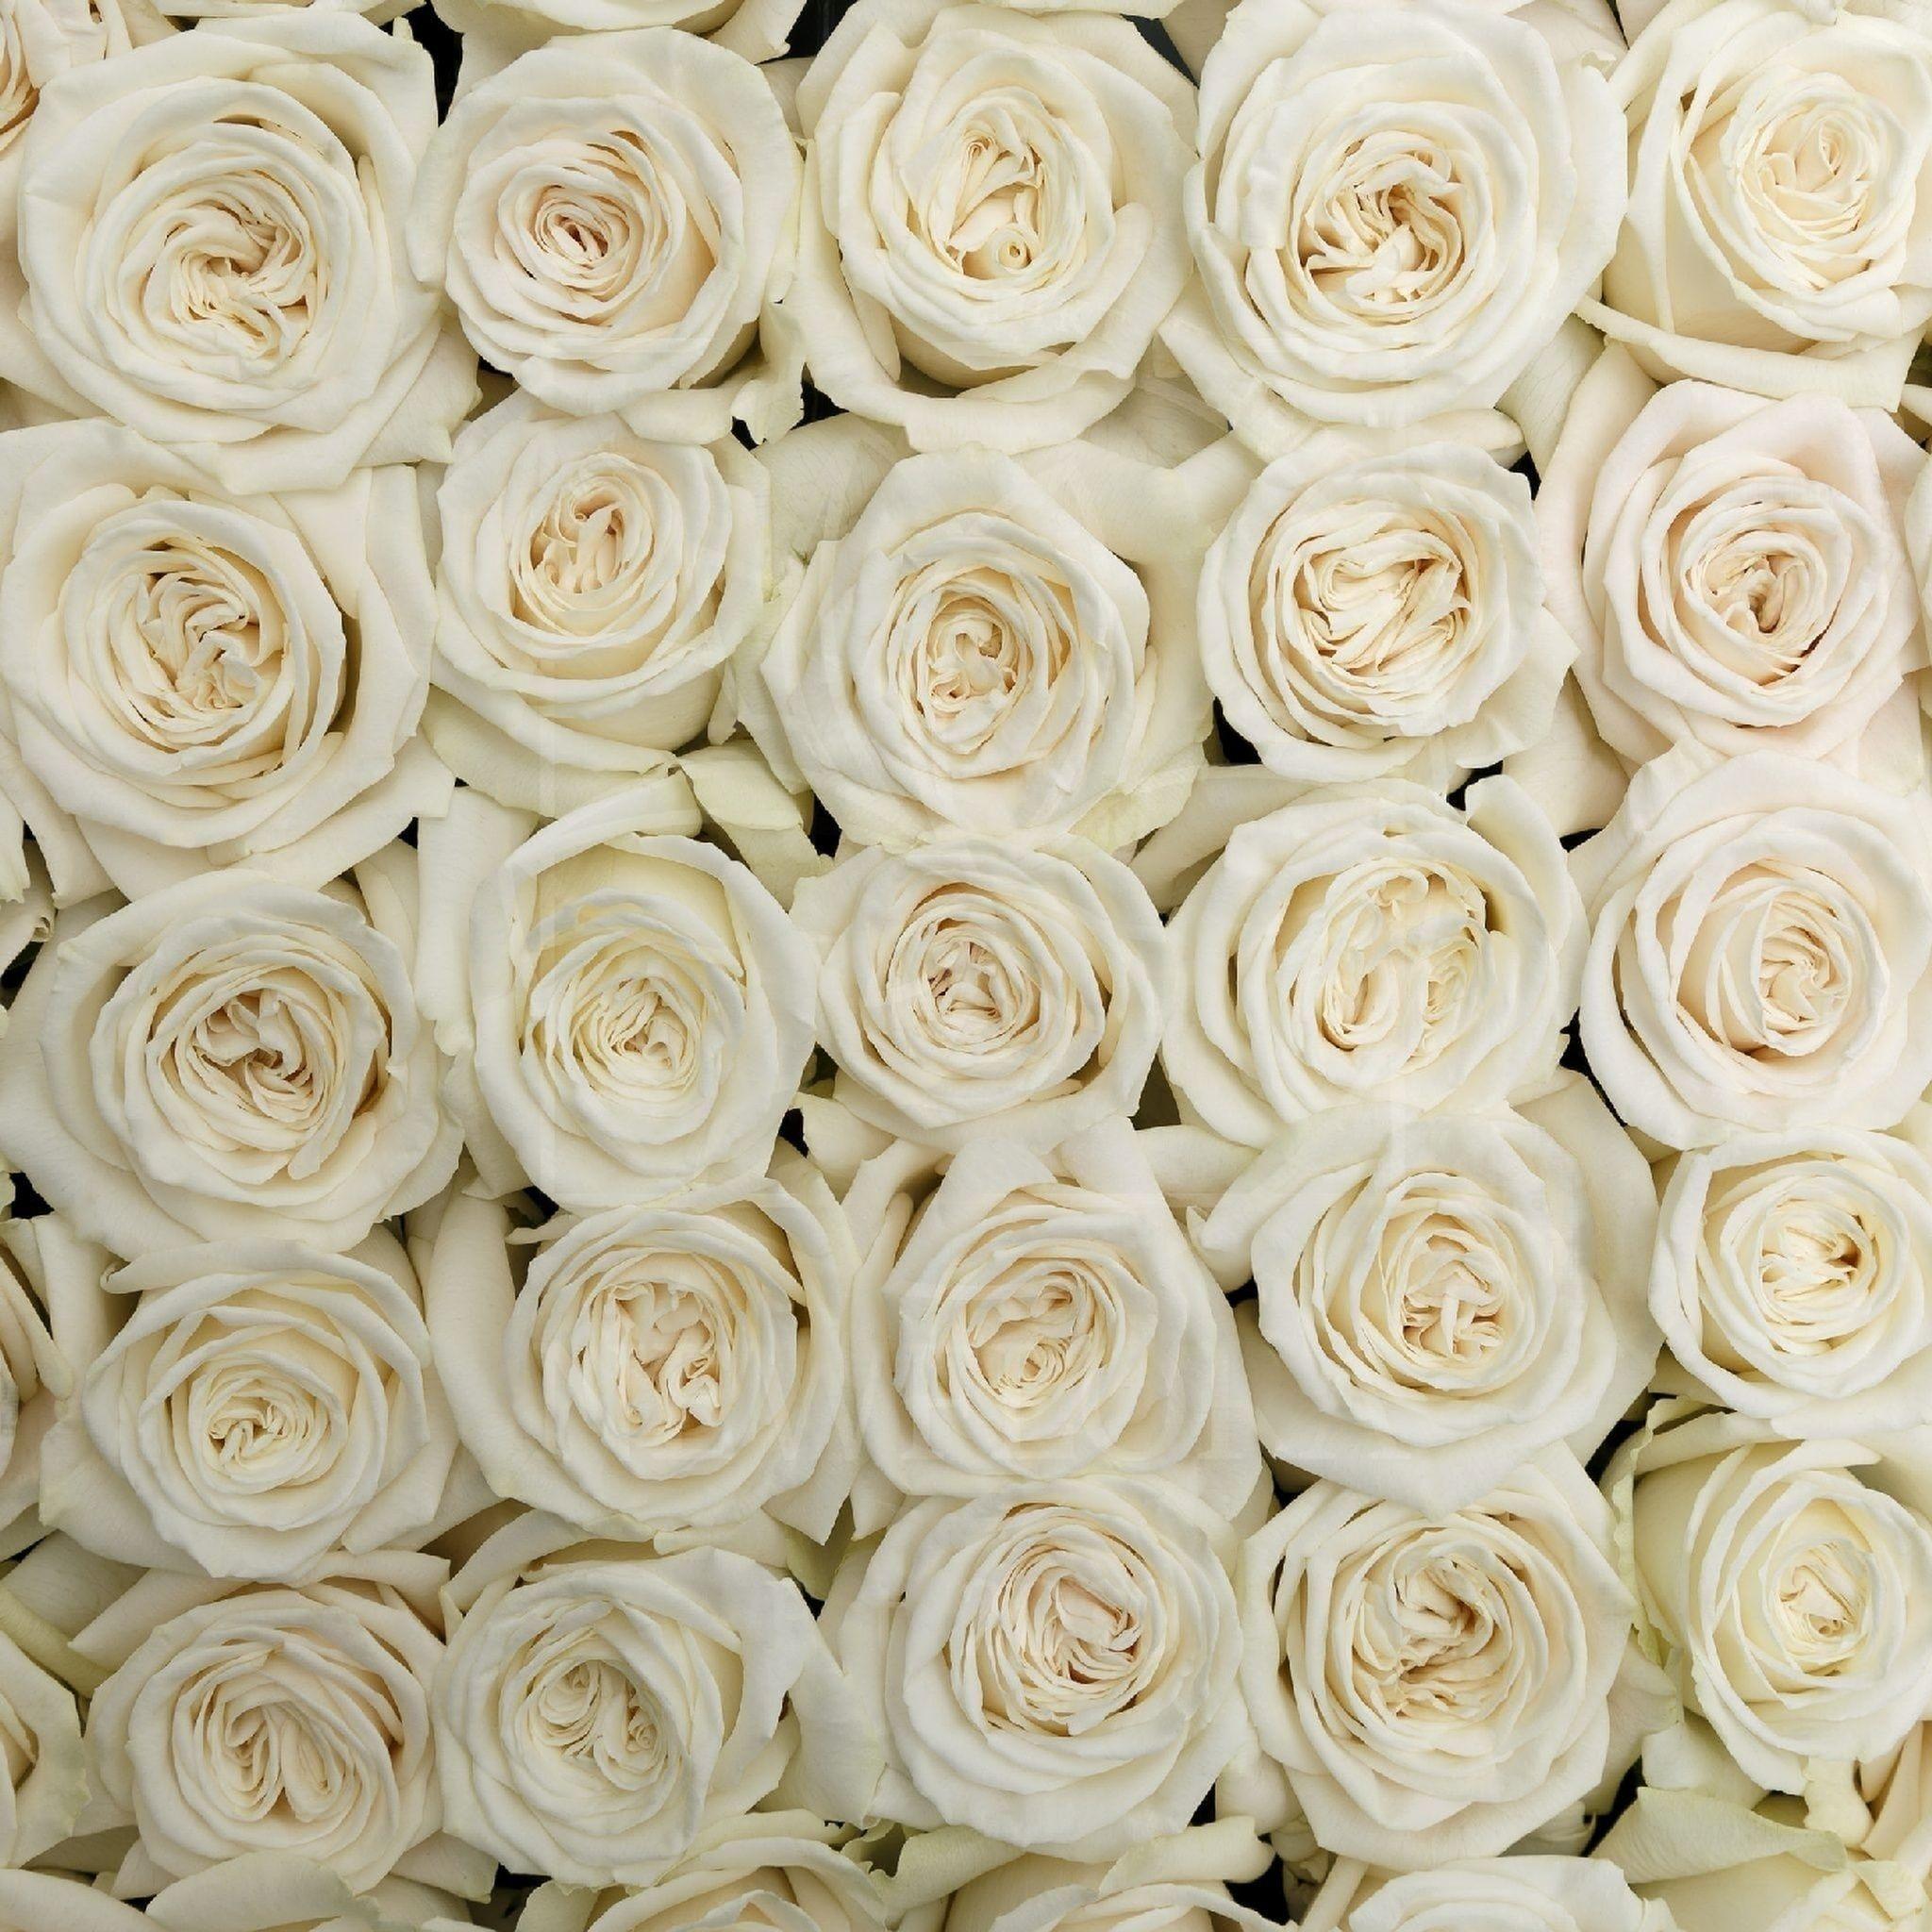 Белоснежные розы Playa Blanca поштучно (Юж. Америка)